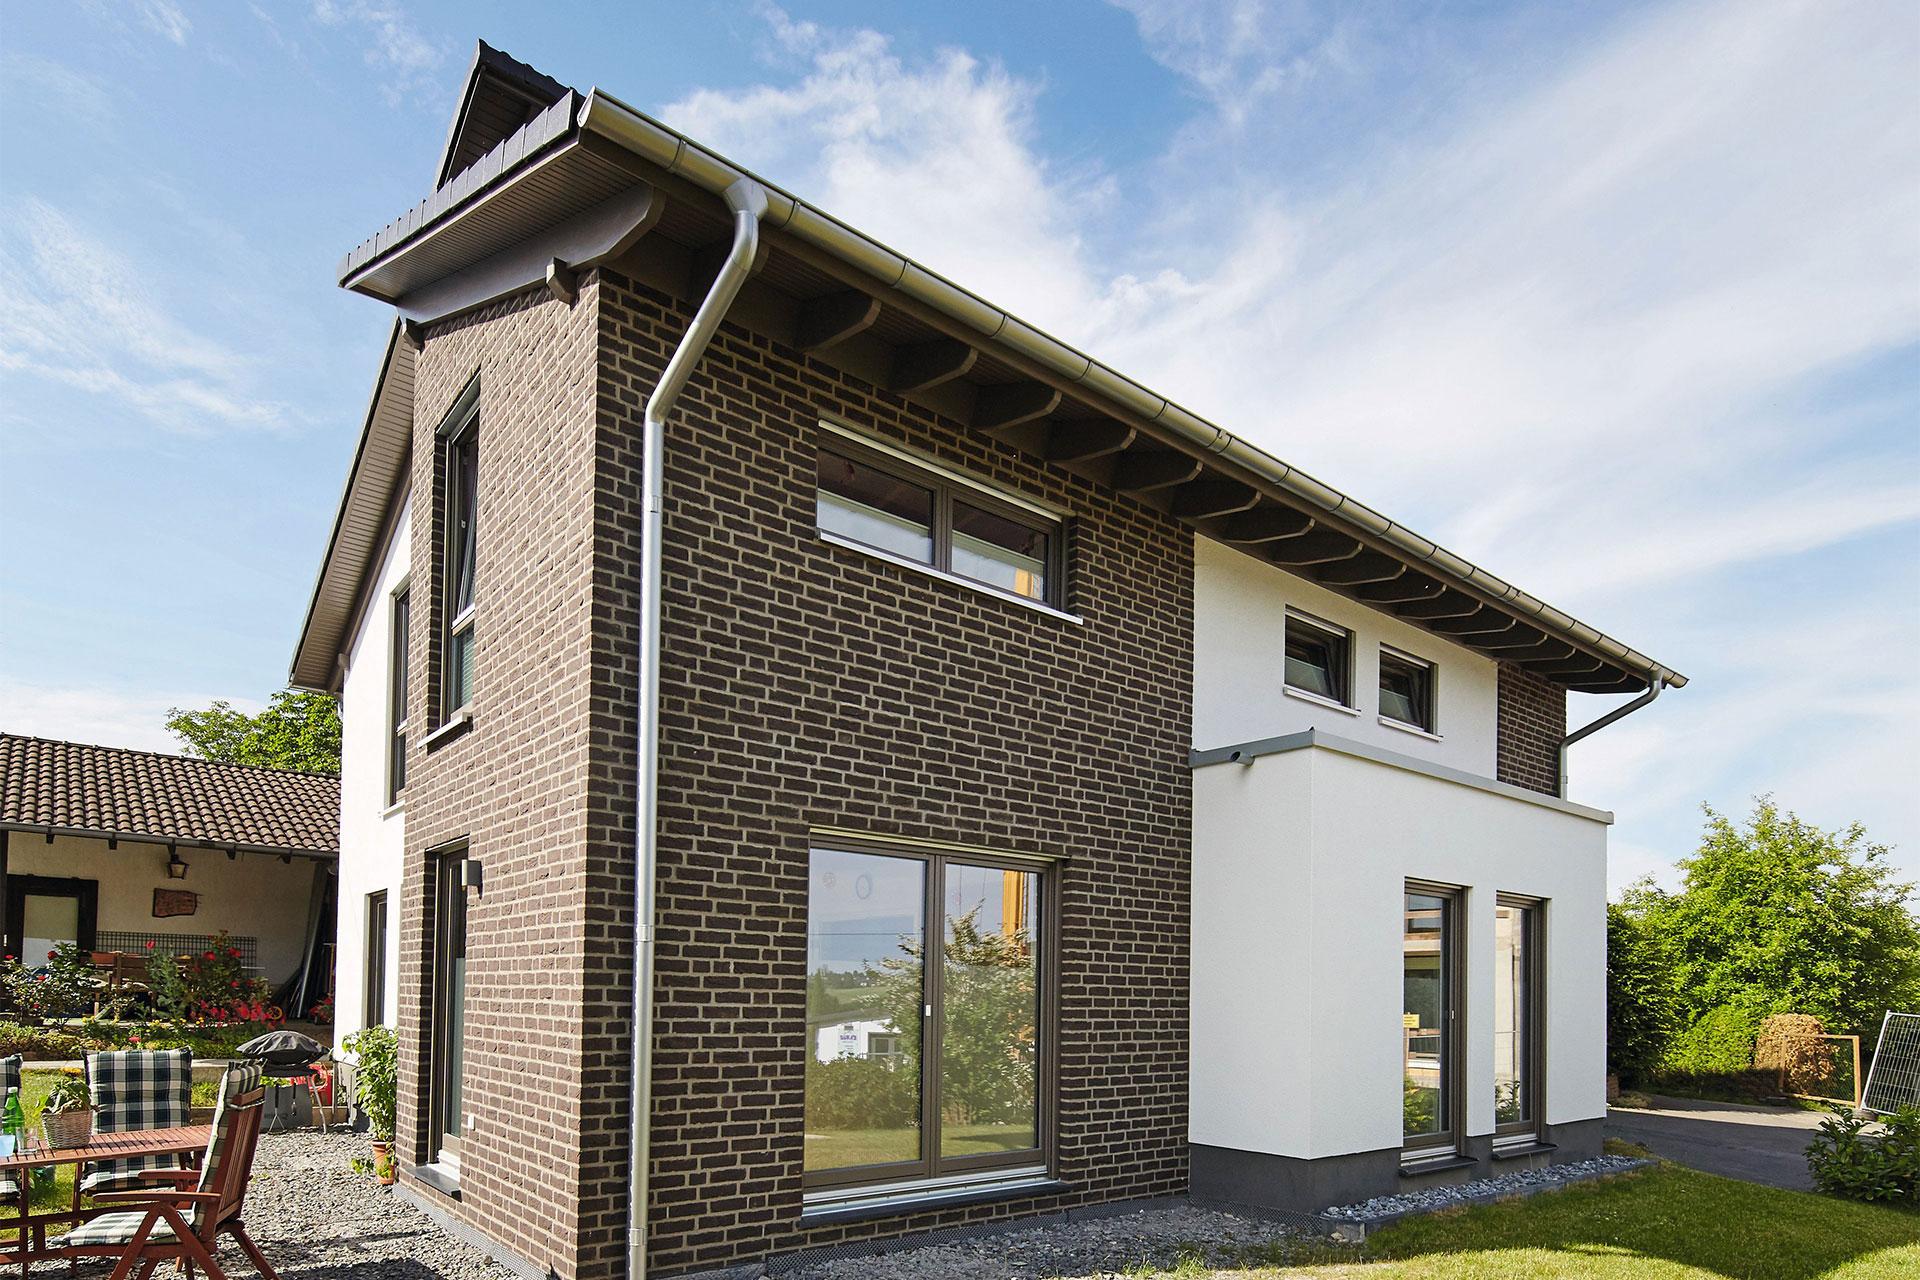 Haus mit einliegerwohnung anbau  GUSSEK HAUS - Finkenberg